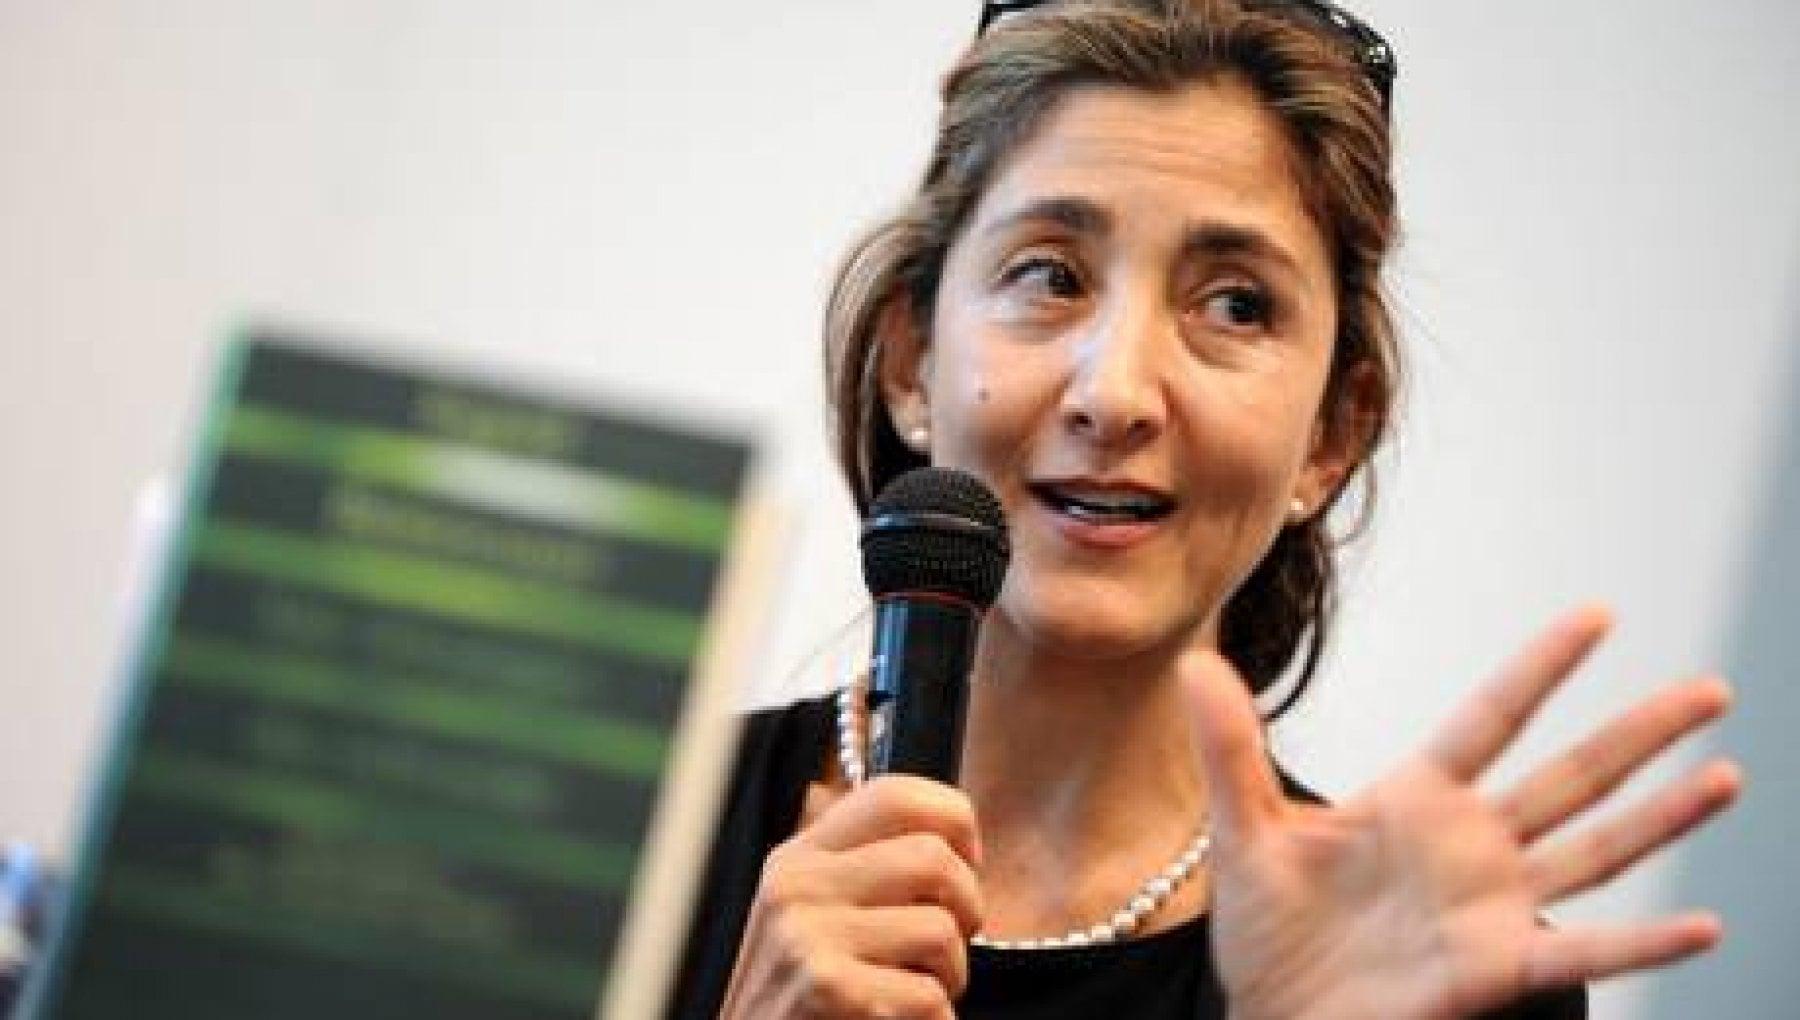 """130817196 06735fc3 0373 4a22 bd1d 57c89b34b3f6 - Ingrid Betancourt: """"Di nuovo faccia a faccia con i miei carcerieri, ho rivisto il loro sguardo di disprezzo"""""""